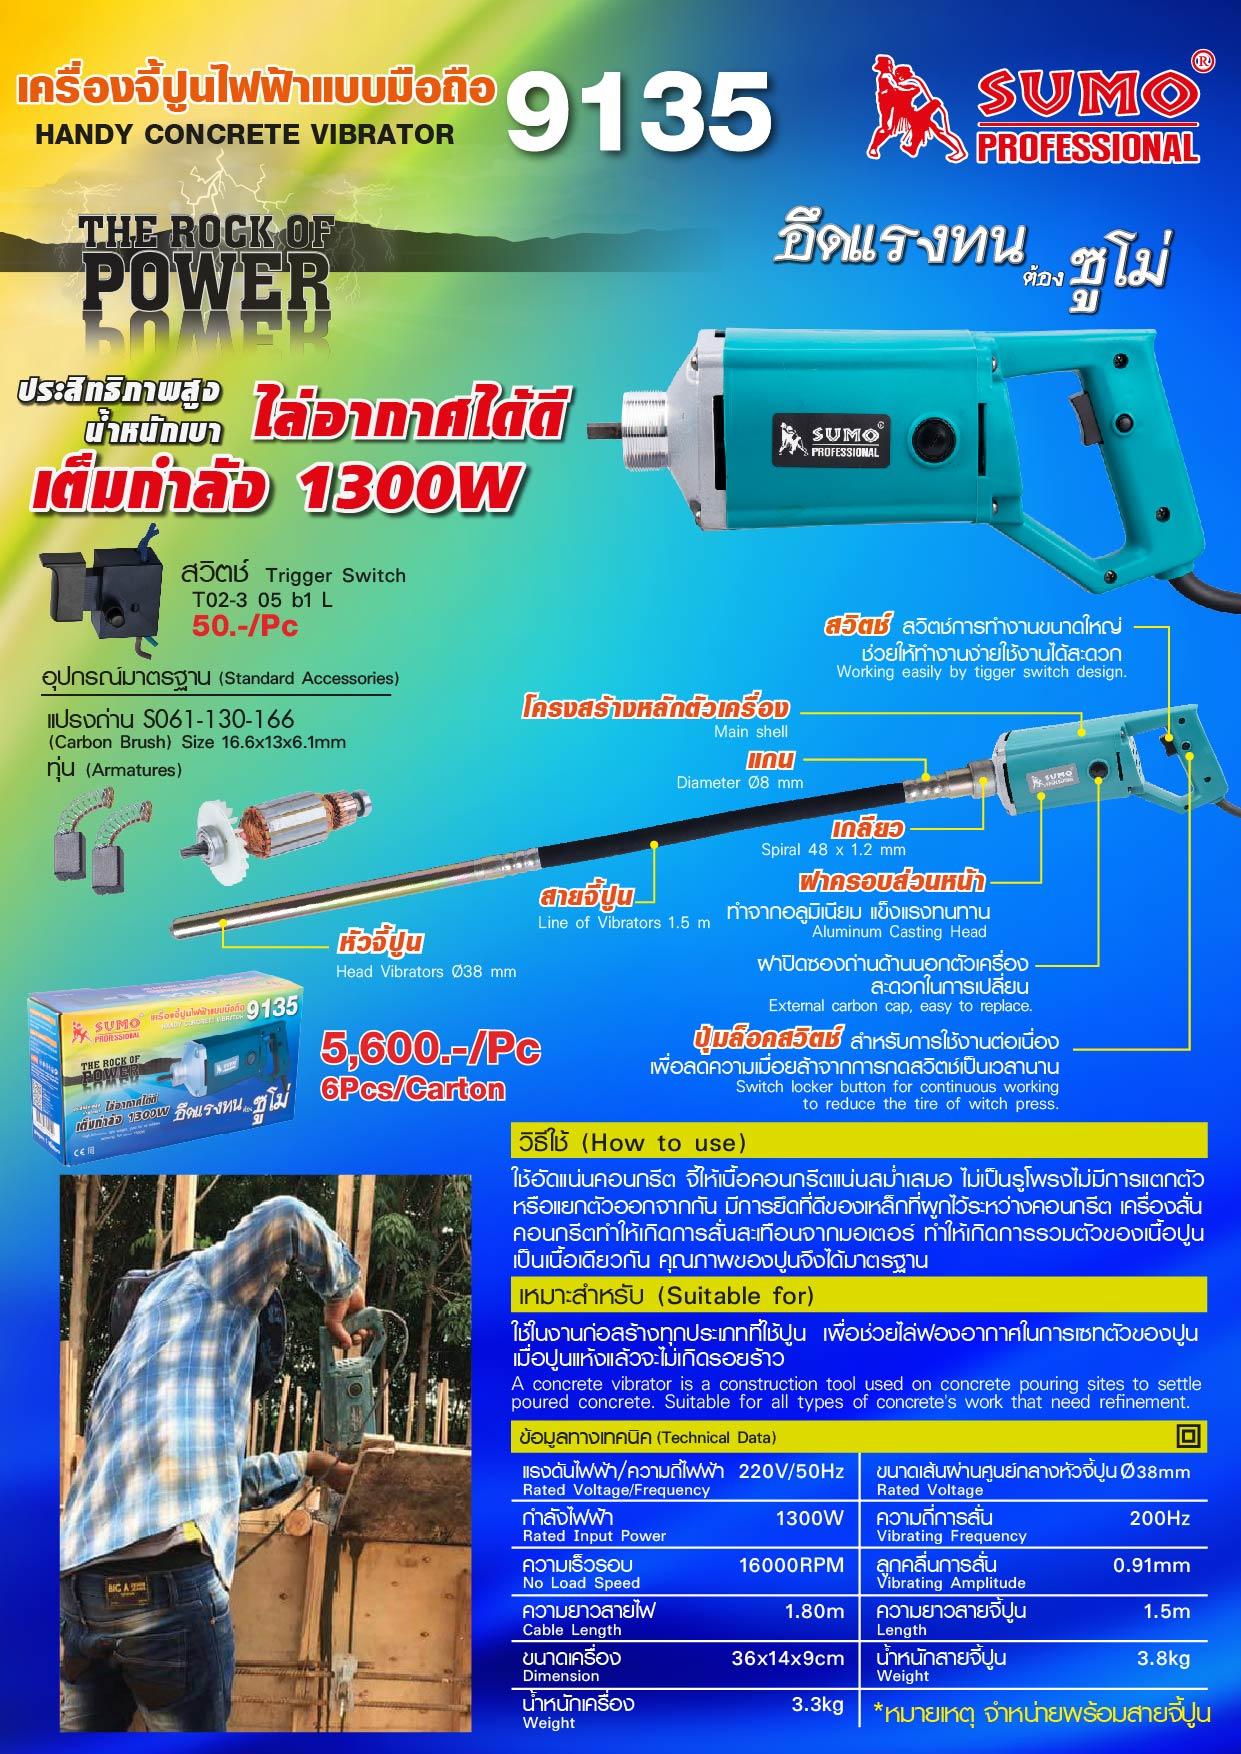 (5/10) เครื่องจี้ปูนไฟฟ้าแบบมือถือ 9135